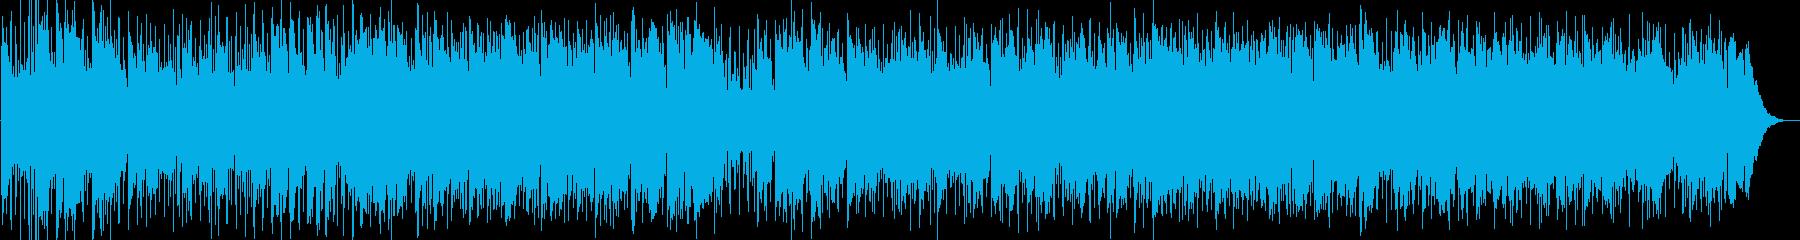 子供の頃の想い出を表現したポップバラードの再生済みの波形